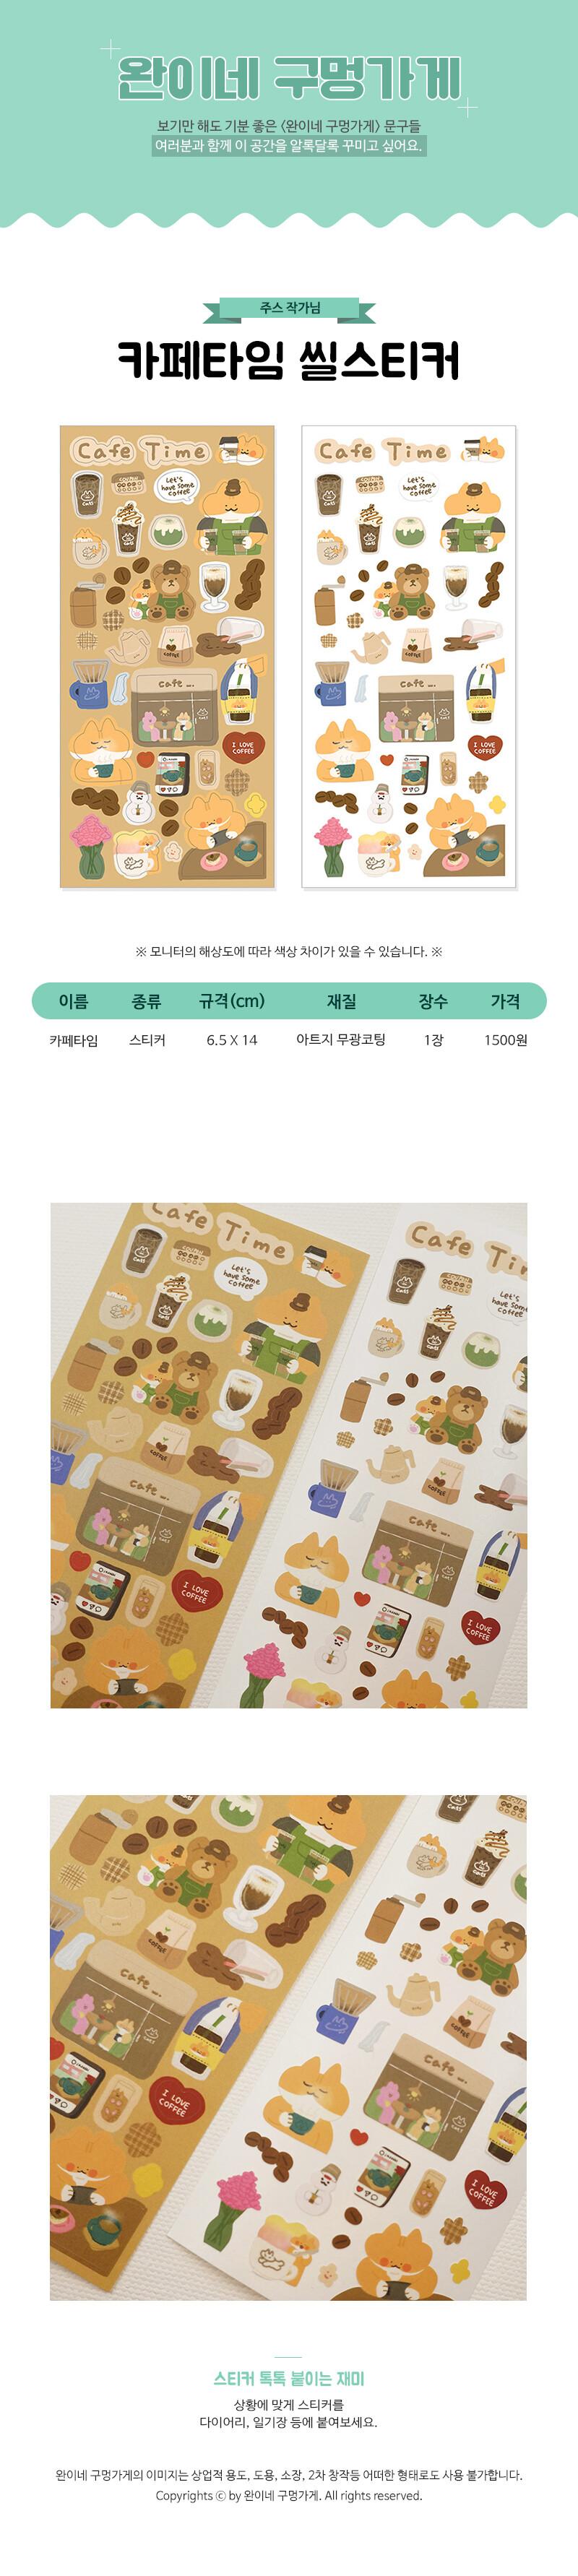 sticker966